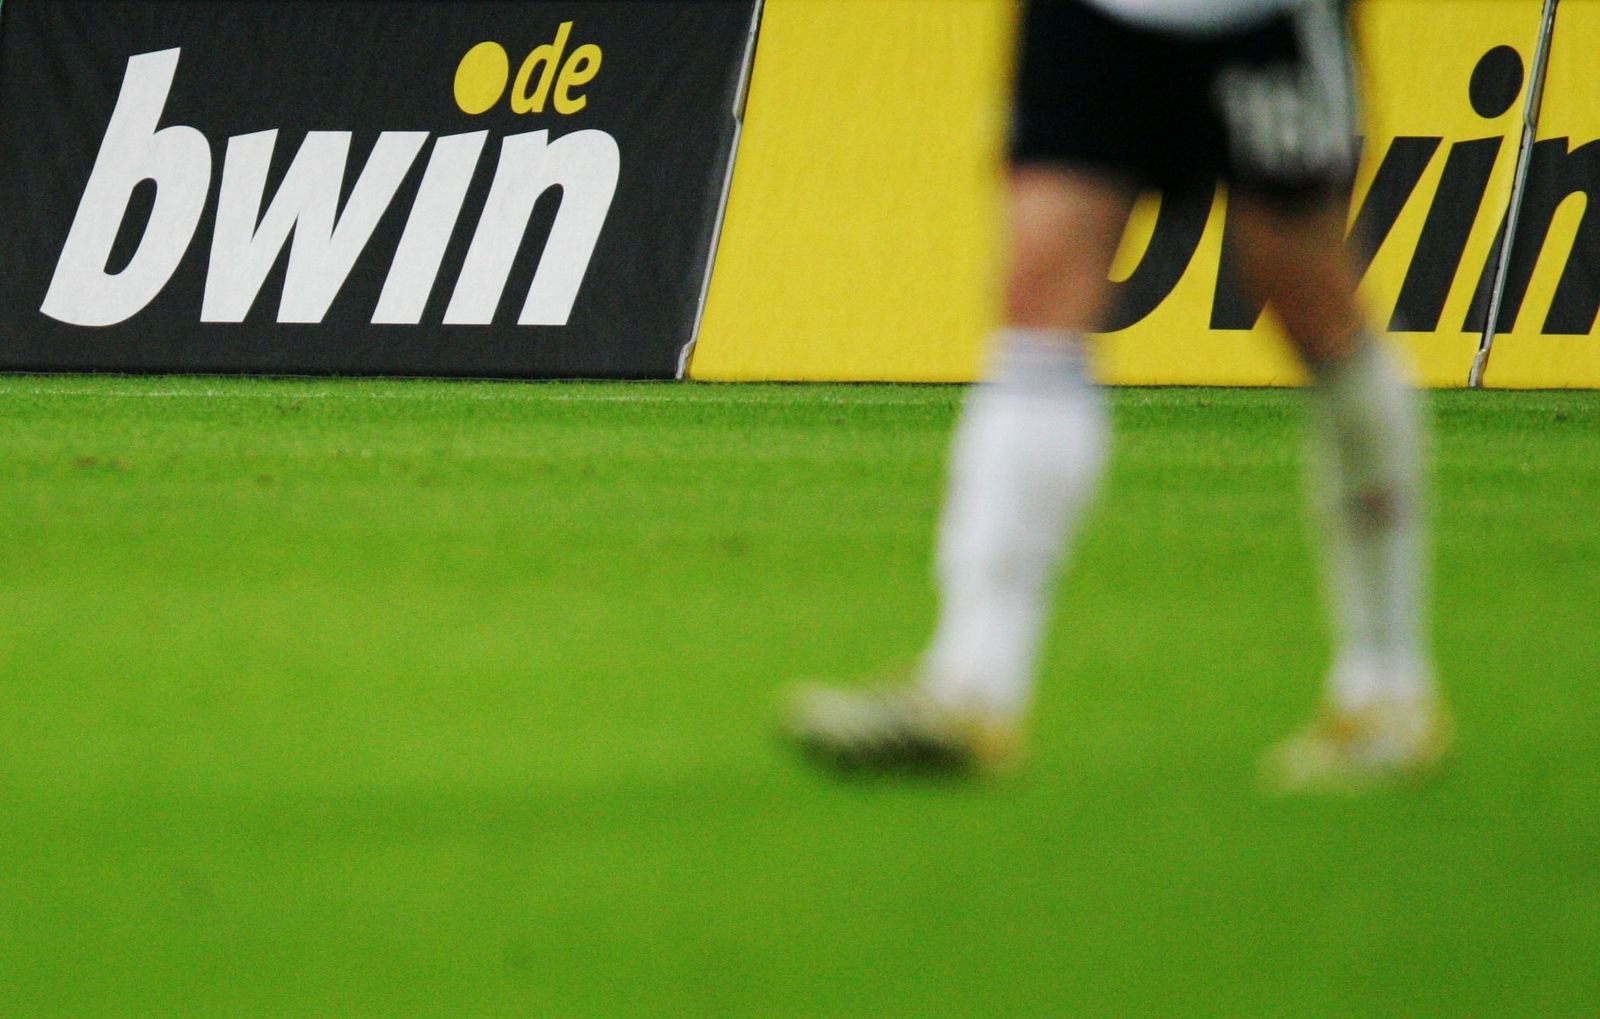 Sportwetten / bwin